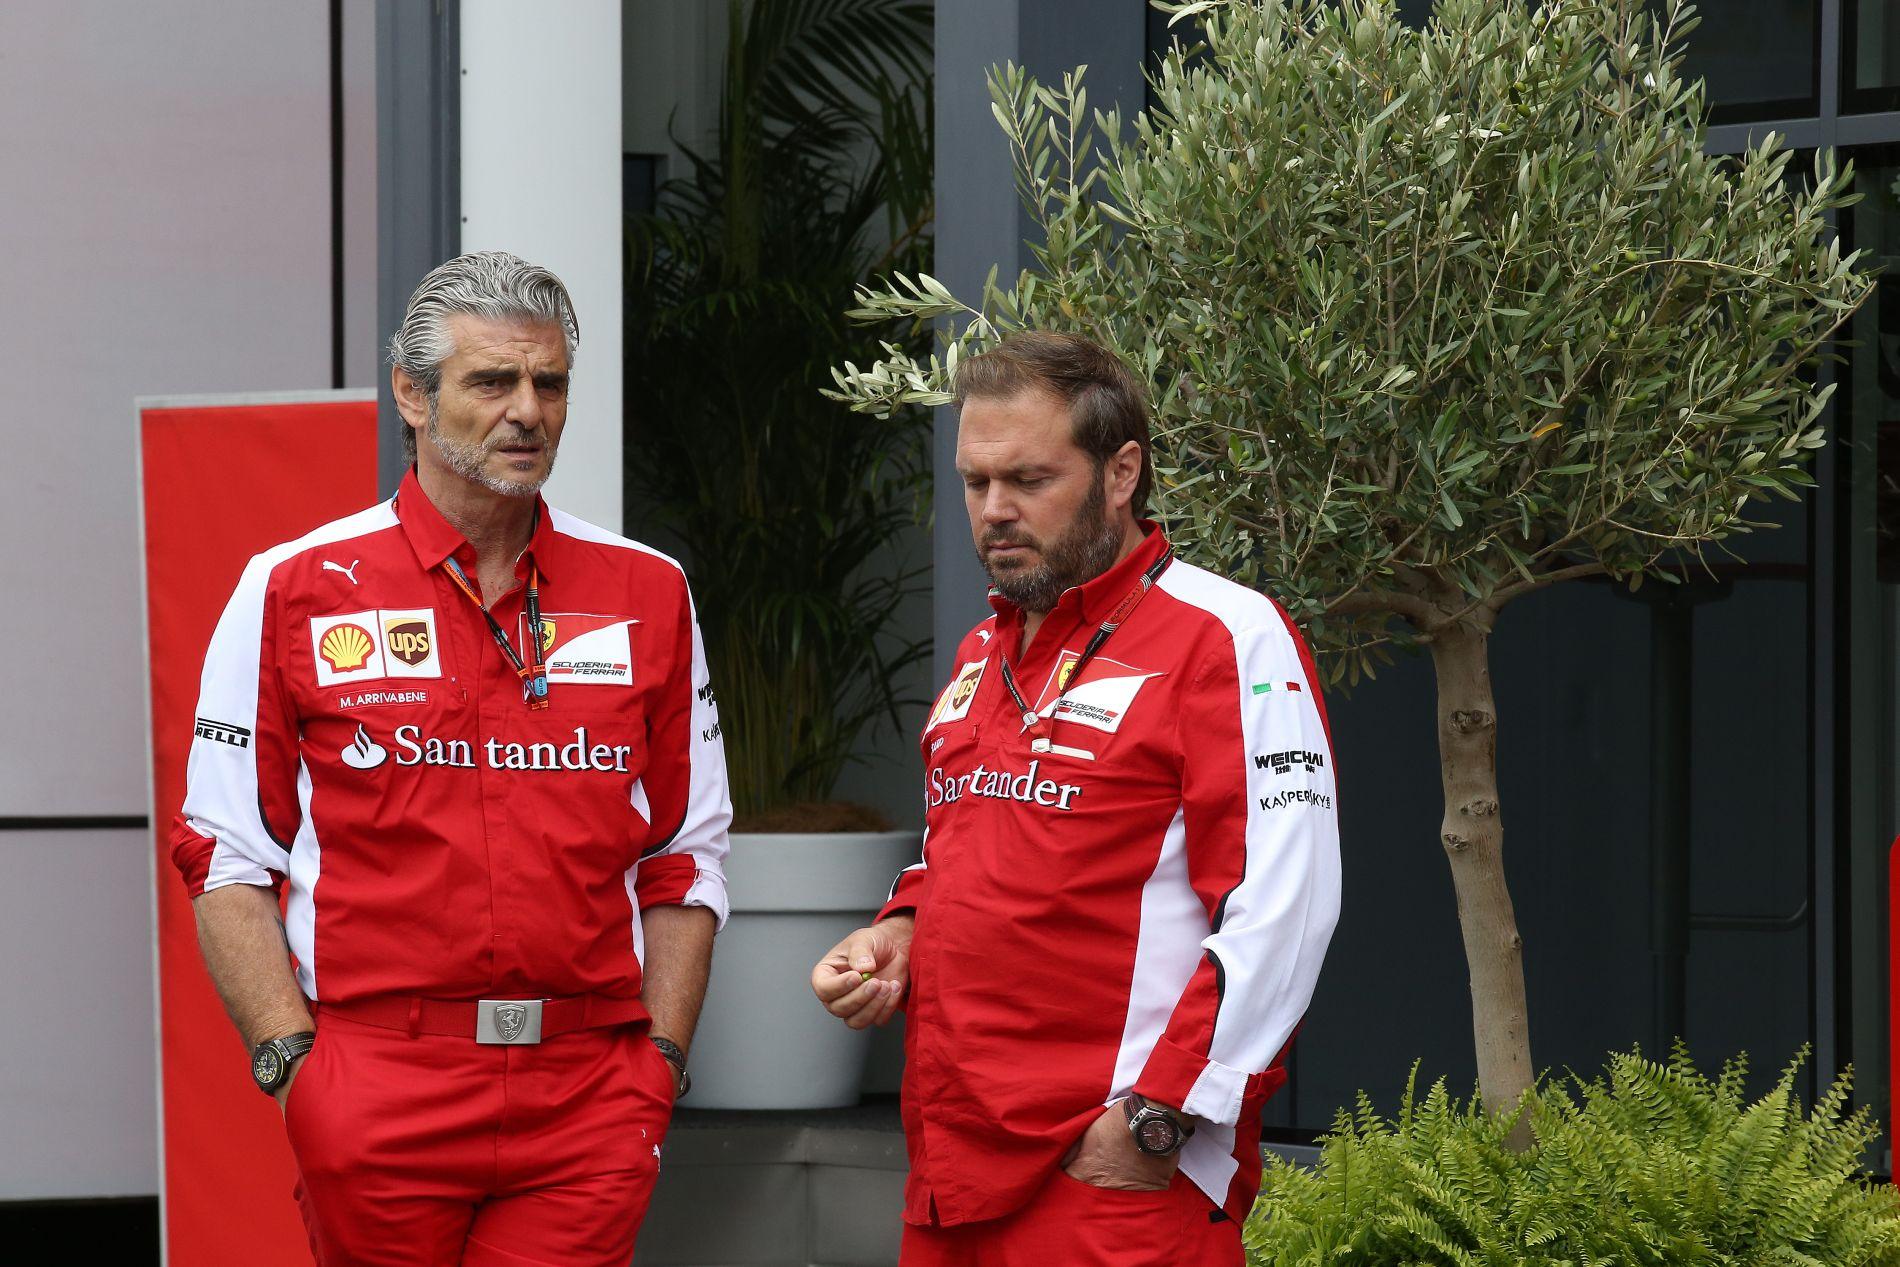 Raikkonen elkötelezettebb, mint valaha: a Ferrari reméli, hogy a finn viszonozza a bizalmat